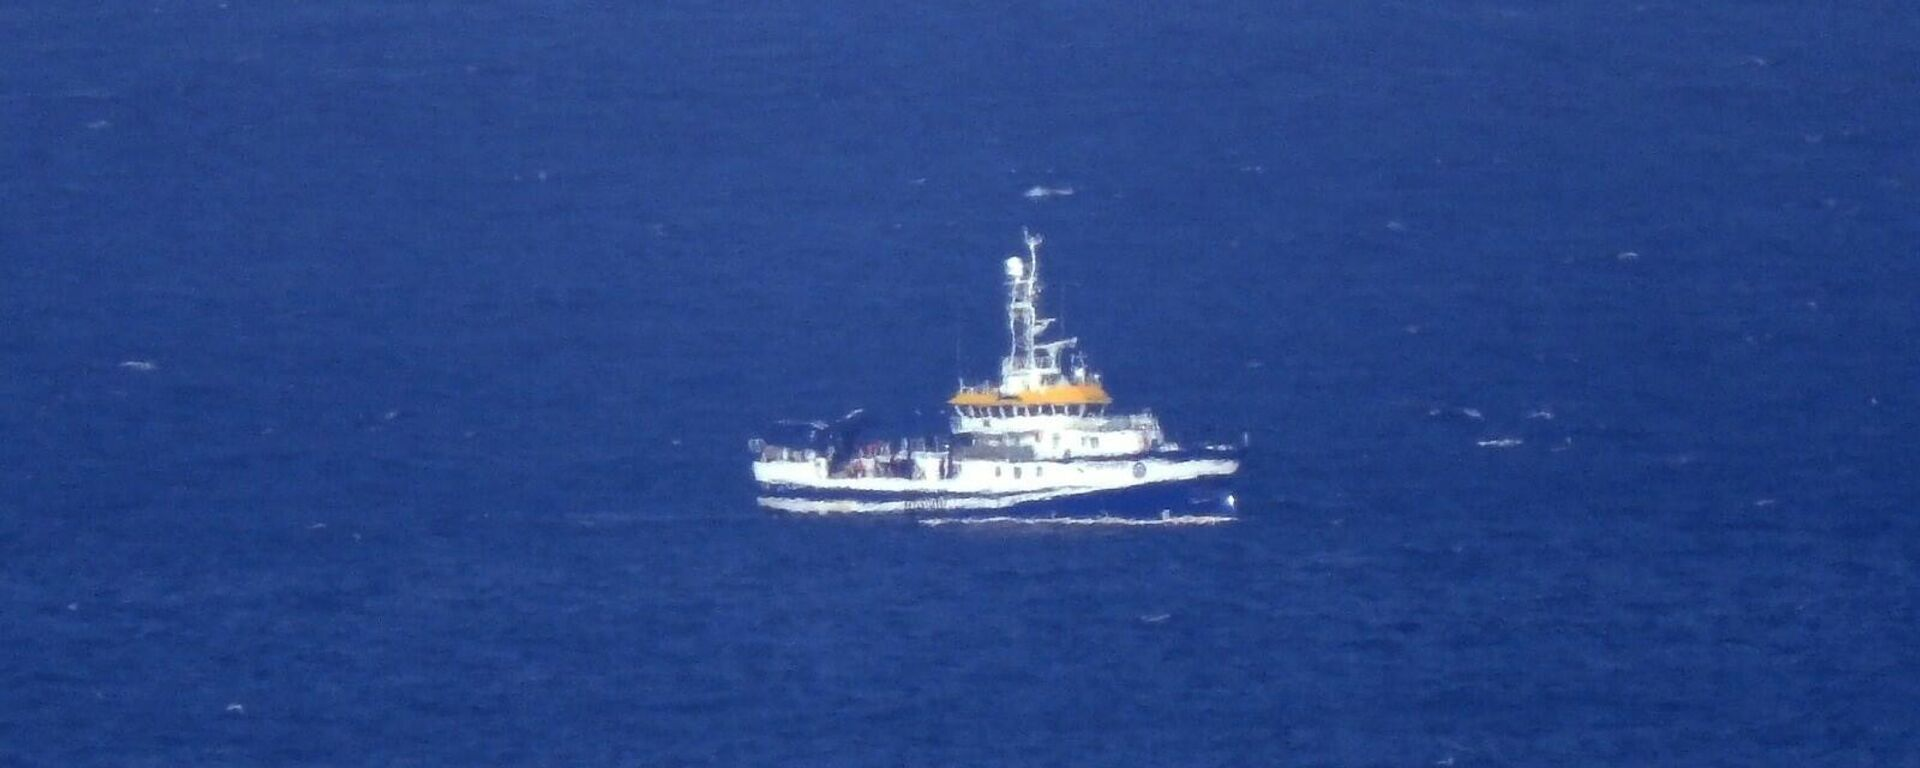 Buque oceanográfico 'Ángeles Alvariño' realiza labores de rastreo en la costa de Santa Cruz de Tenerife - Sputnik Mundo, 1920, 23.06.2021